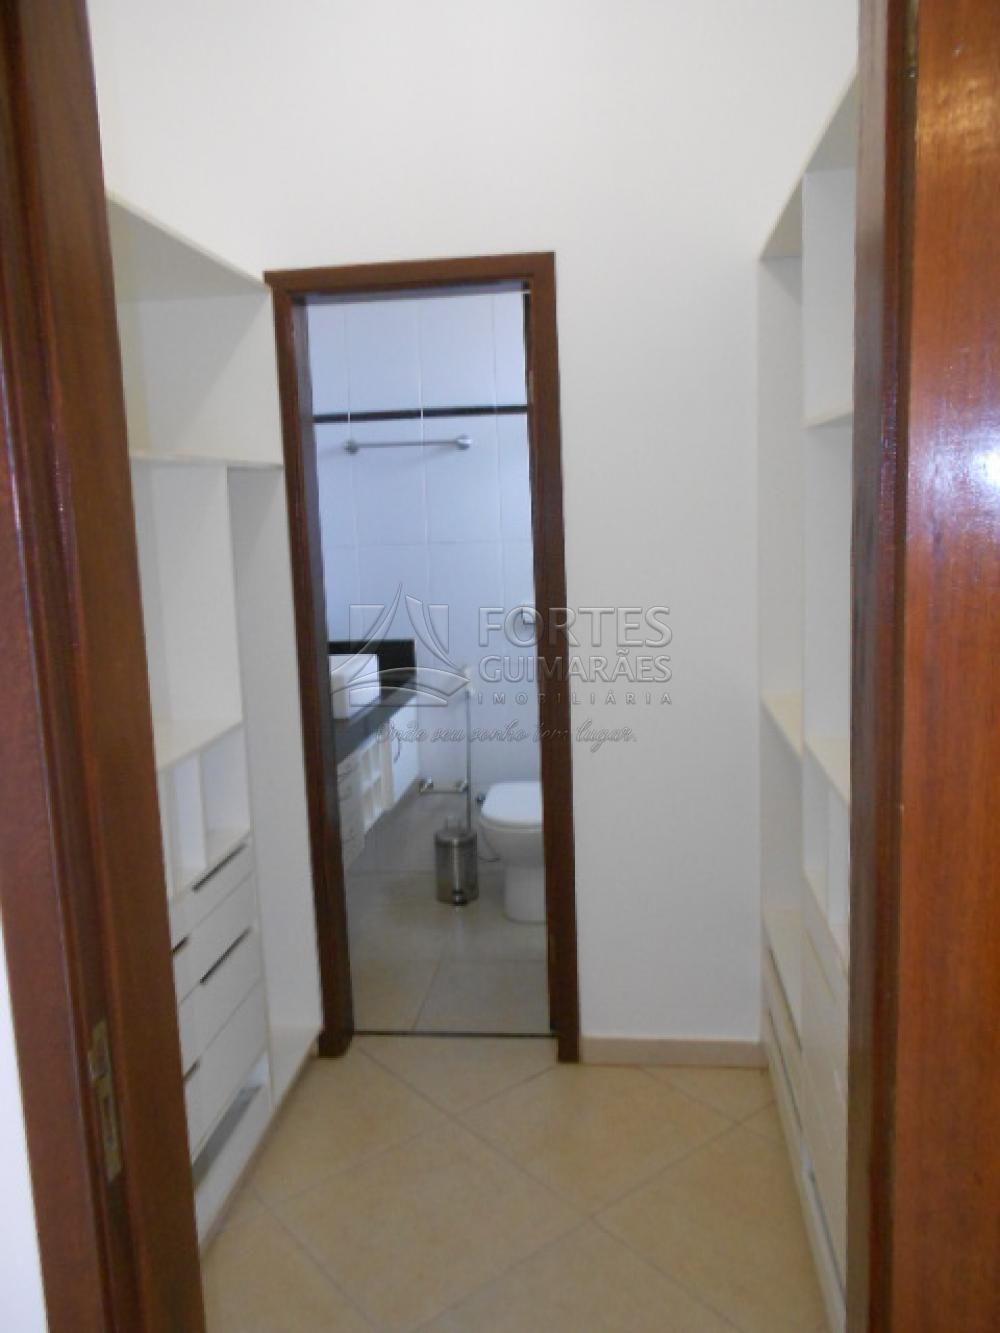 Alugar Casas / Padrão em Ribeirão Preto apenas R$ 3.500,00 - Foto 45